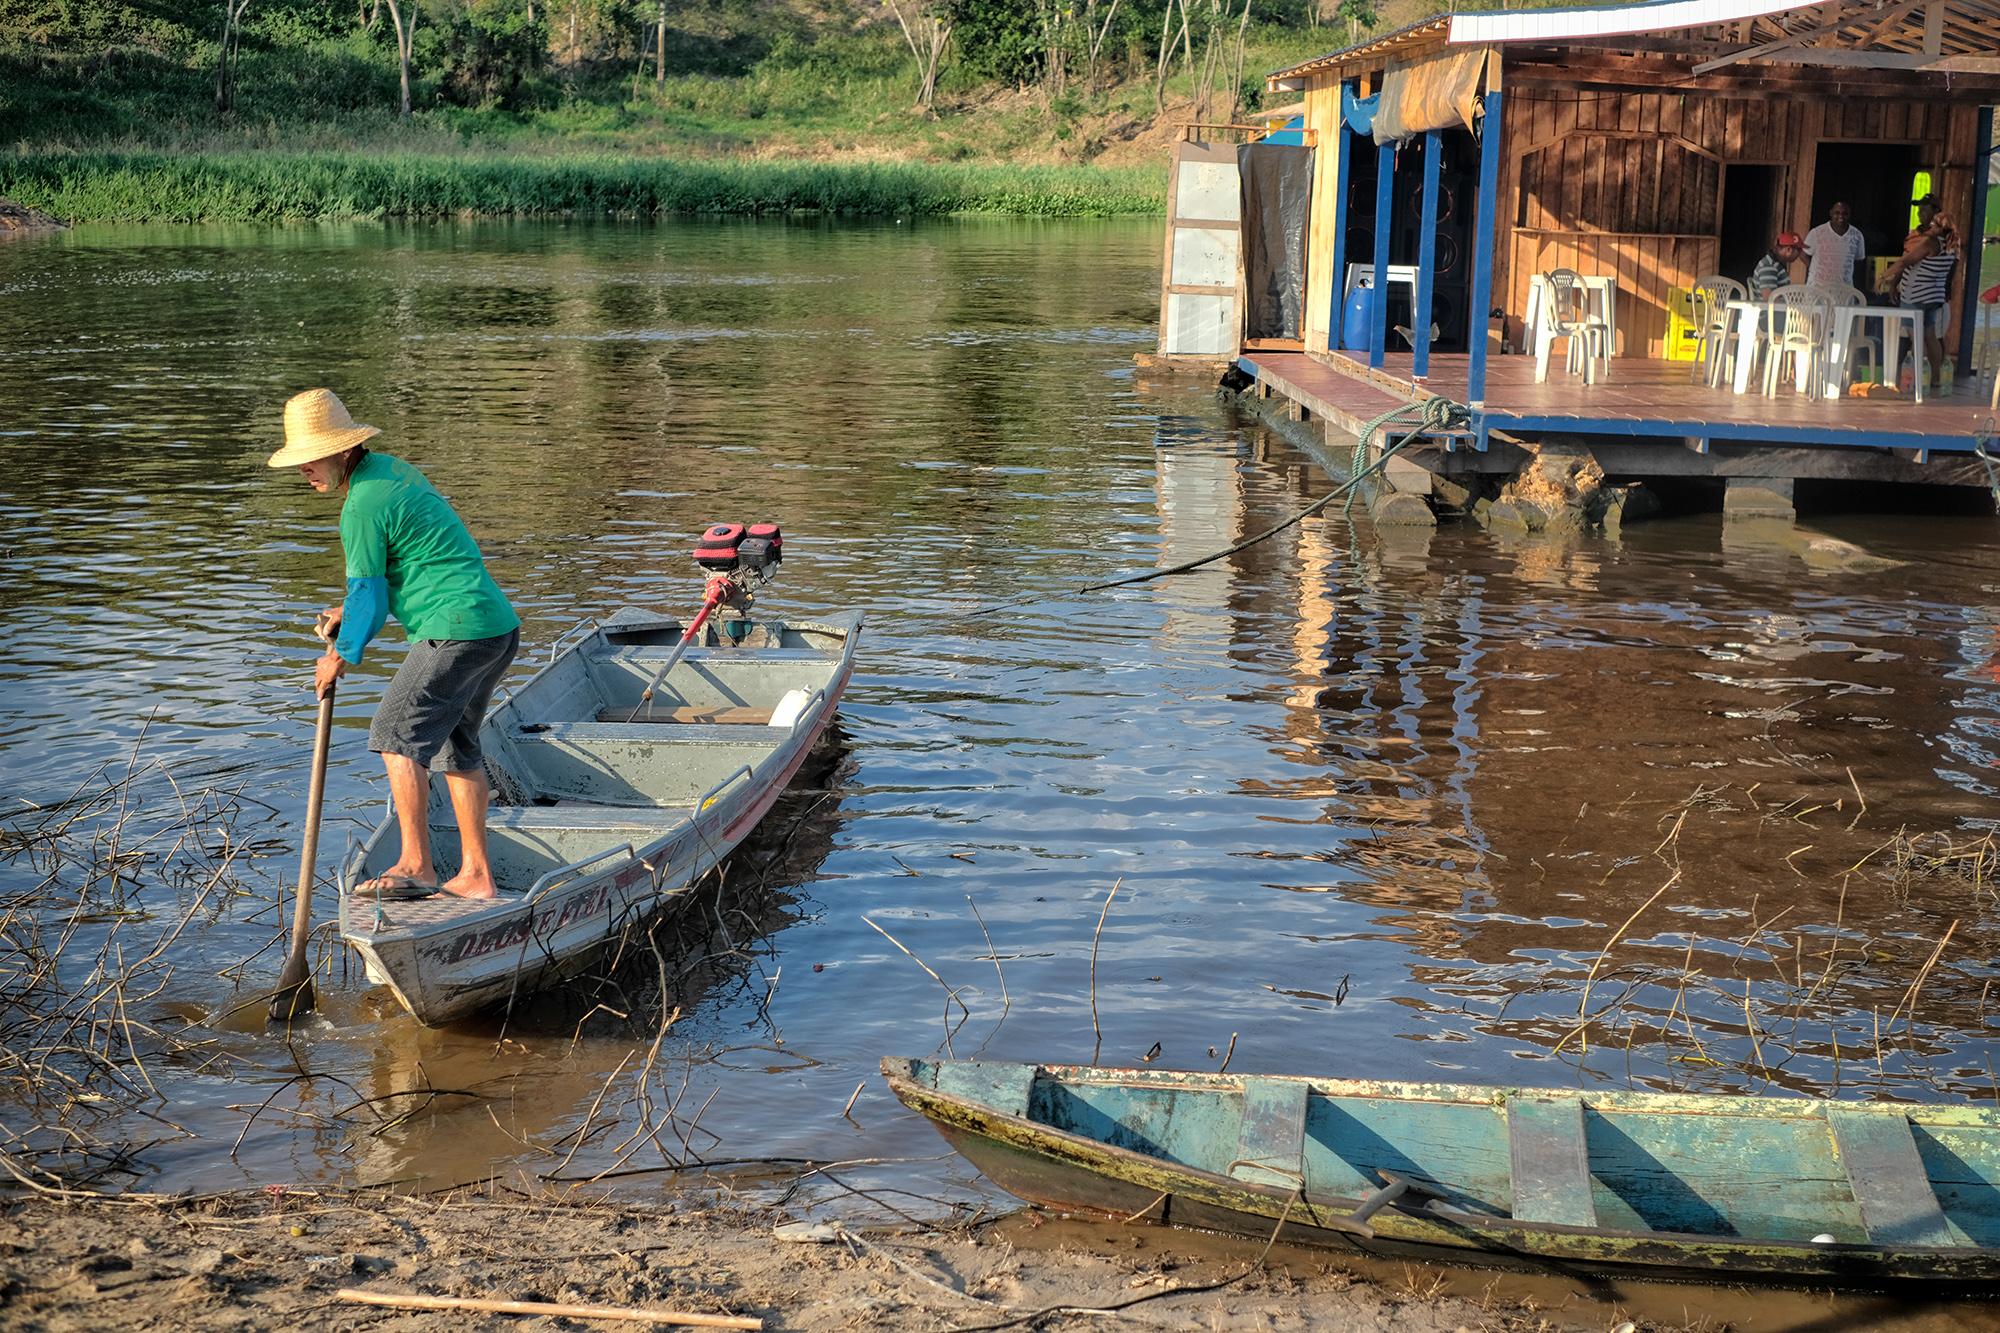 Indenização a pescadores não cobre danos provocados por vazamento de óleo no Rio Negro